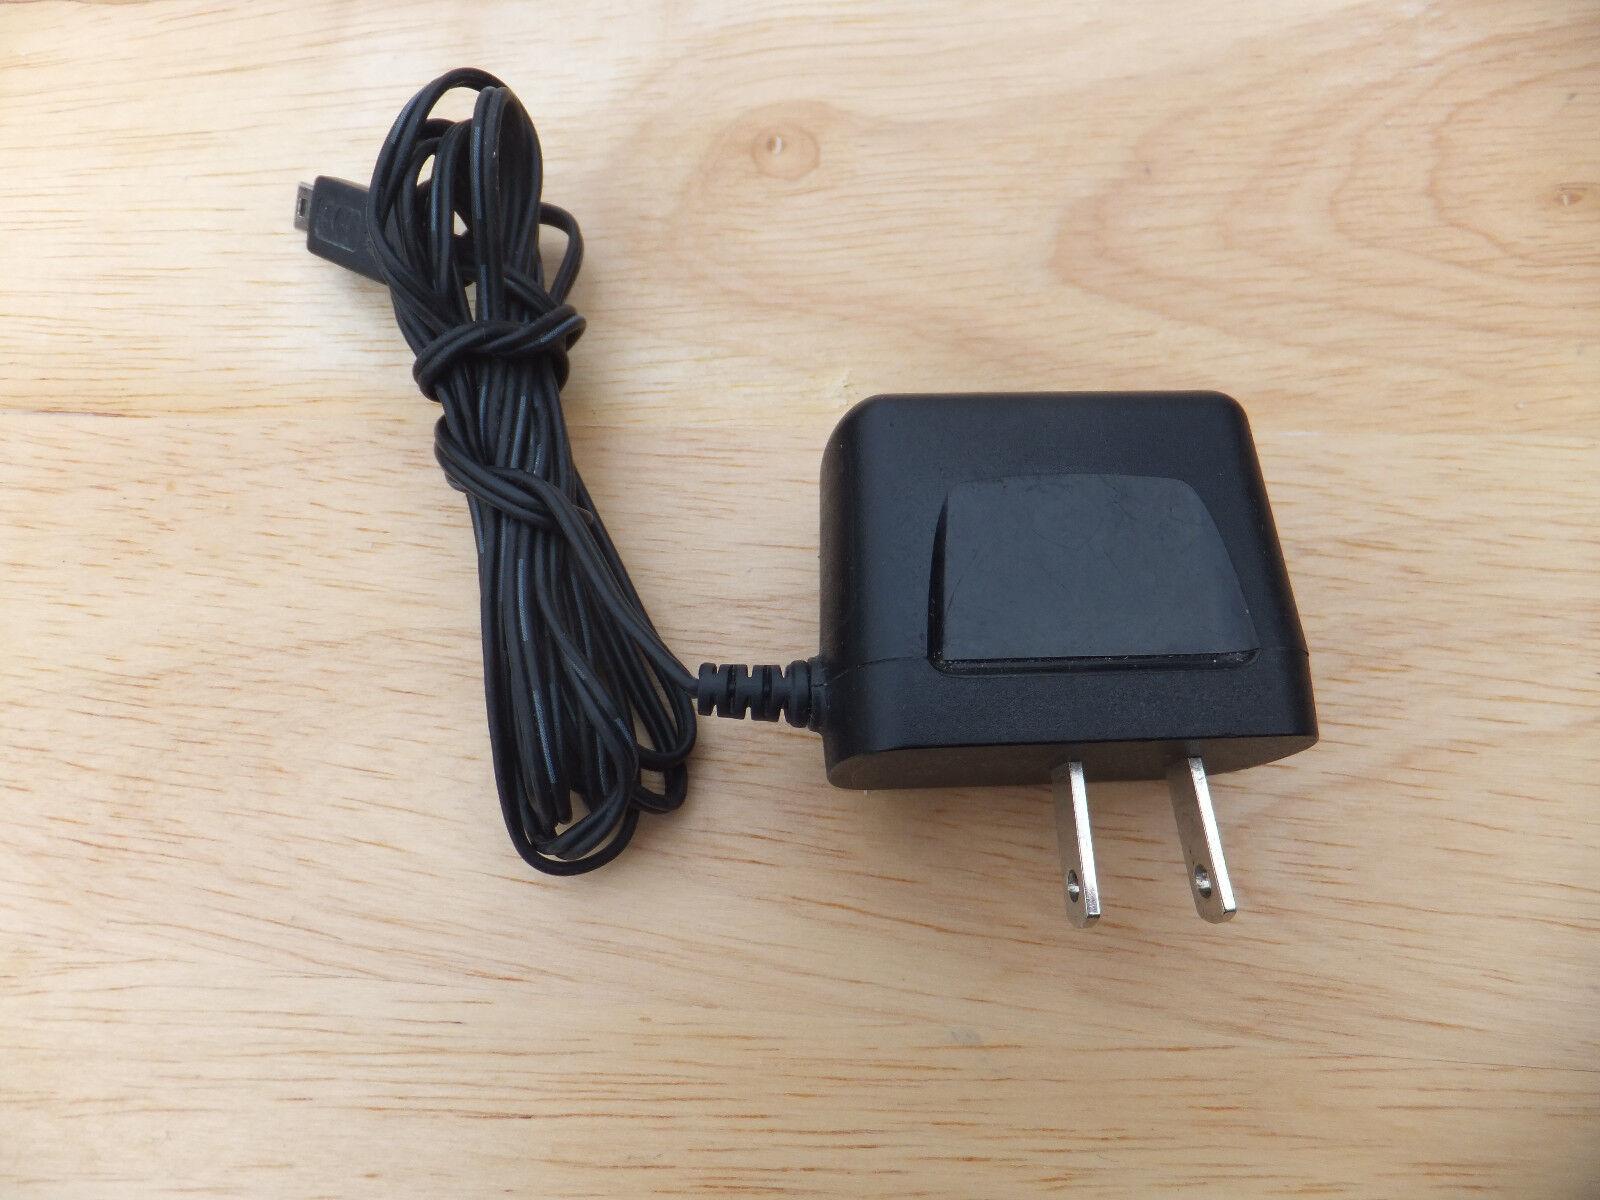 Wall Adapter Converter E186249 Apple Motorola Other - 09183-C6-0821306-23D1